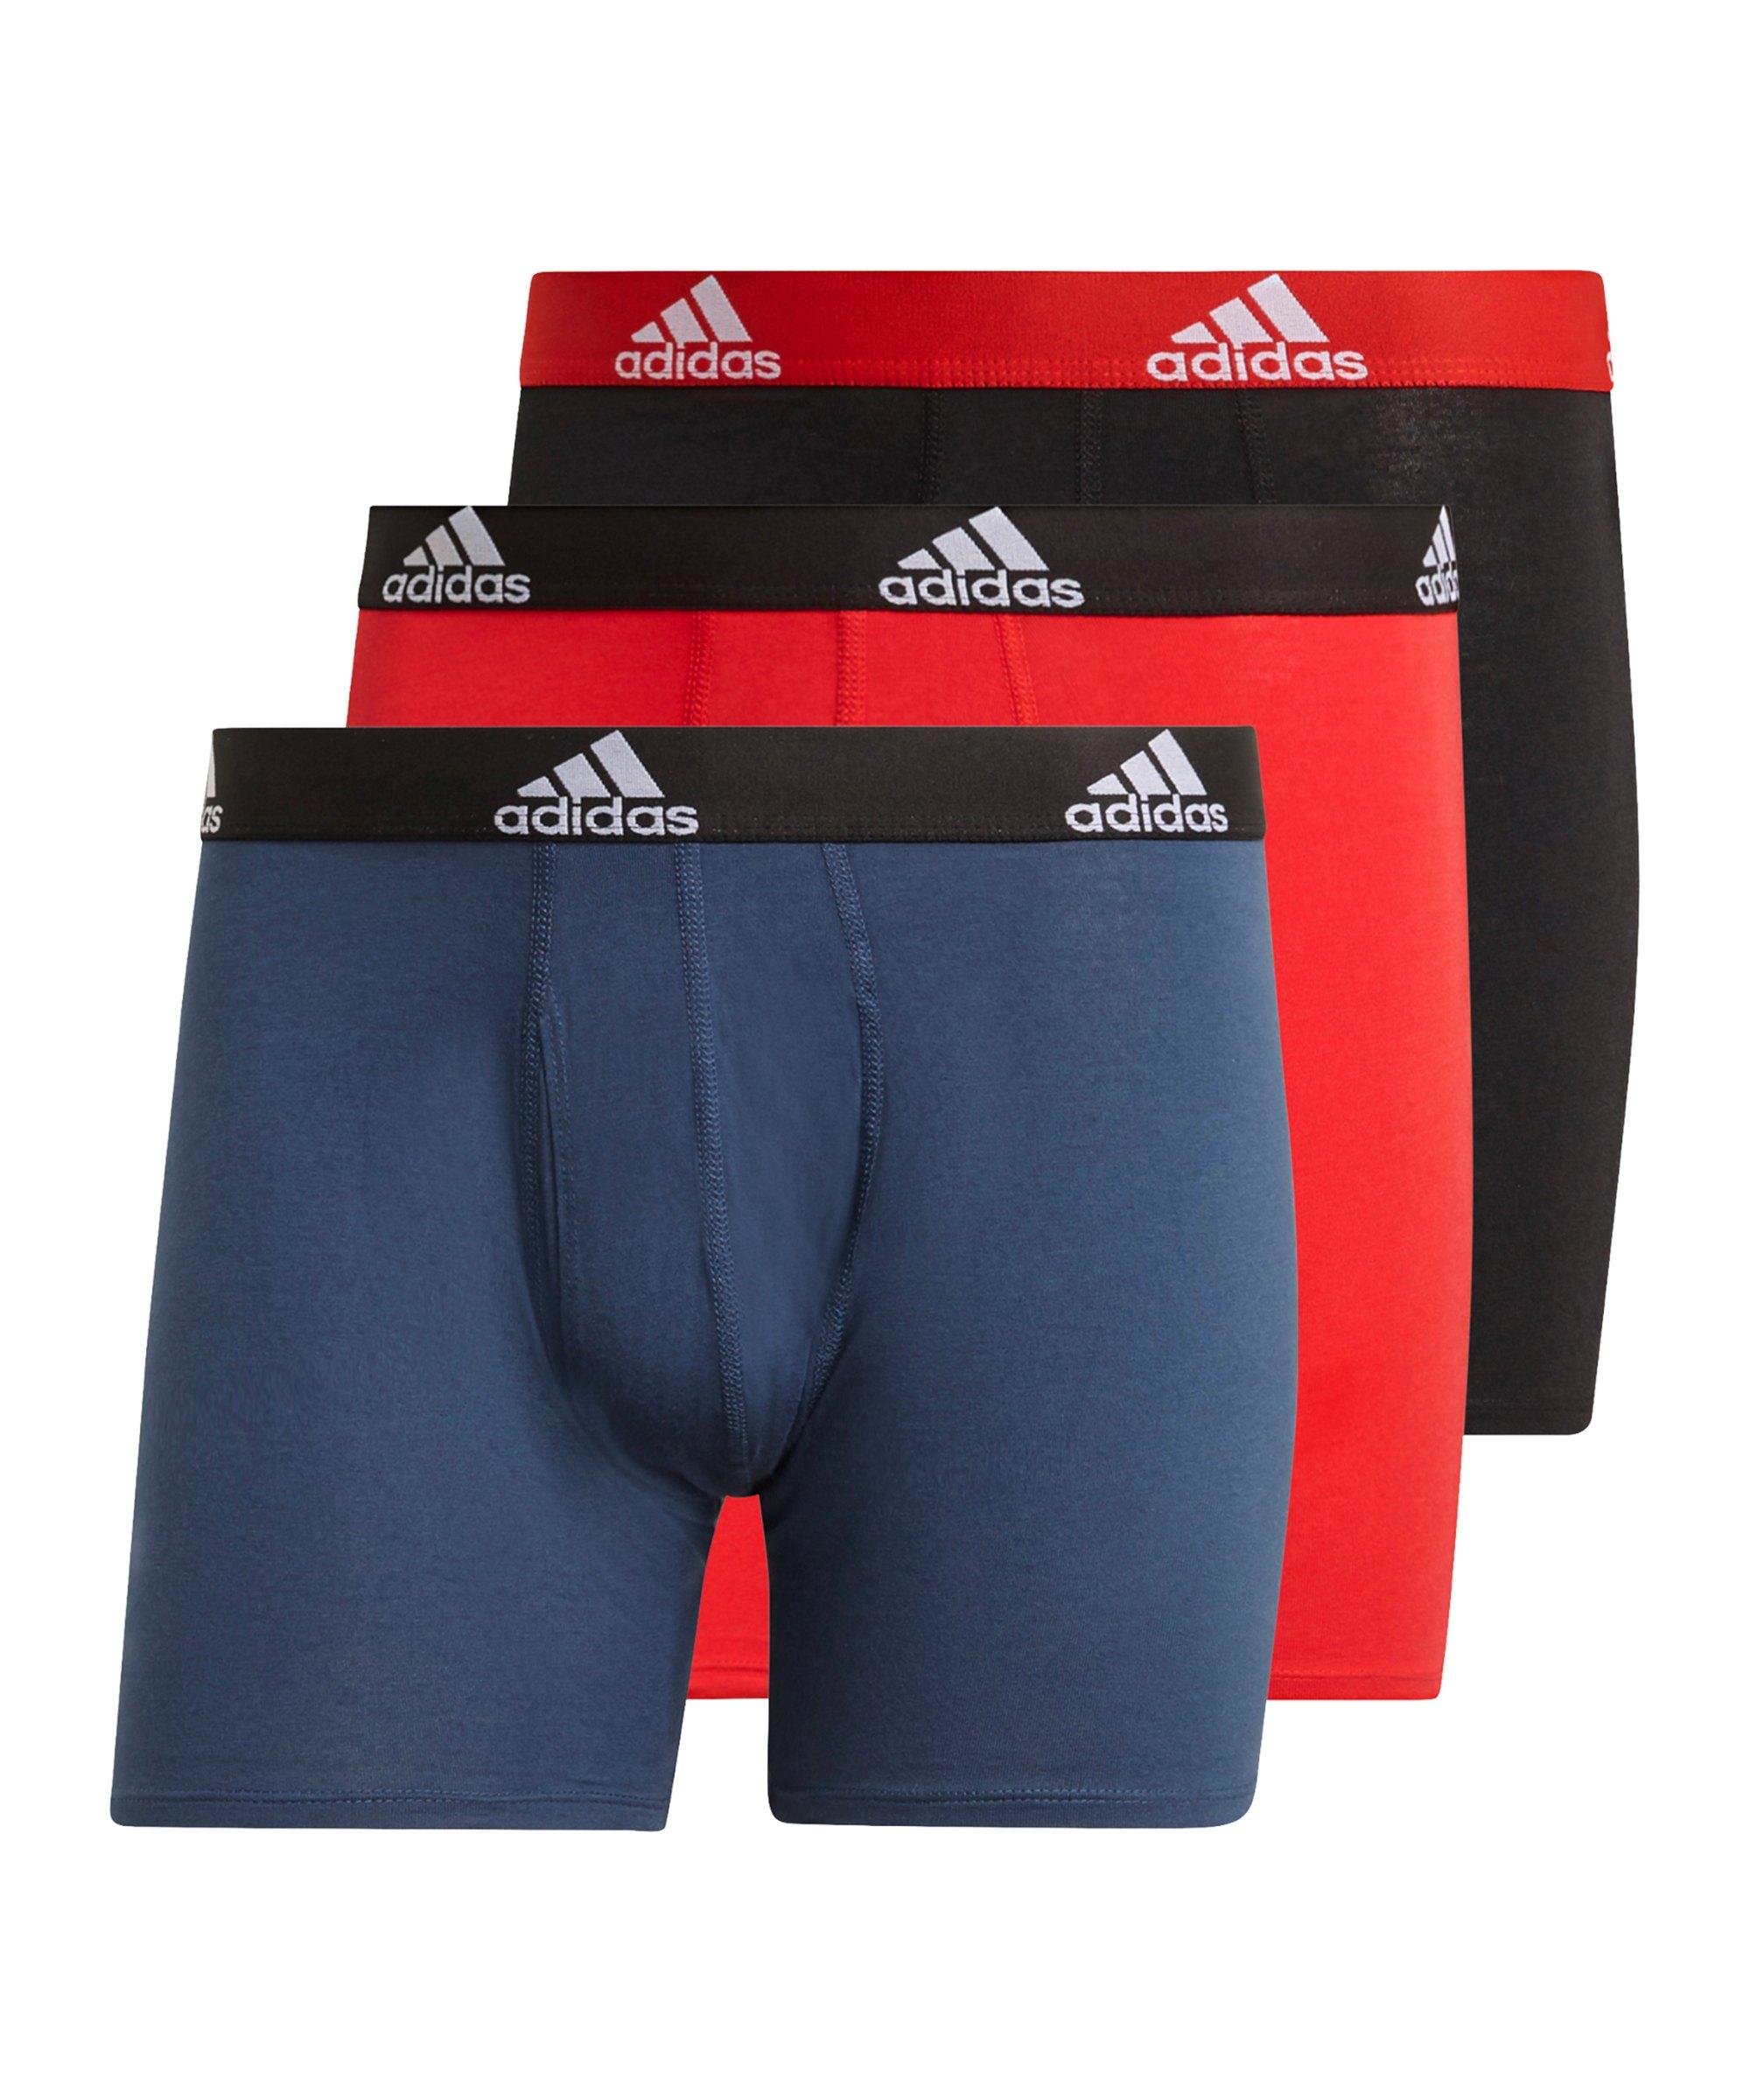 adidas BOS Brief 3erPack Boxershort Schwarz Blau - schwarz